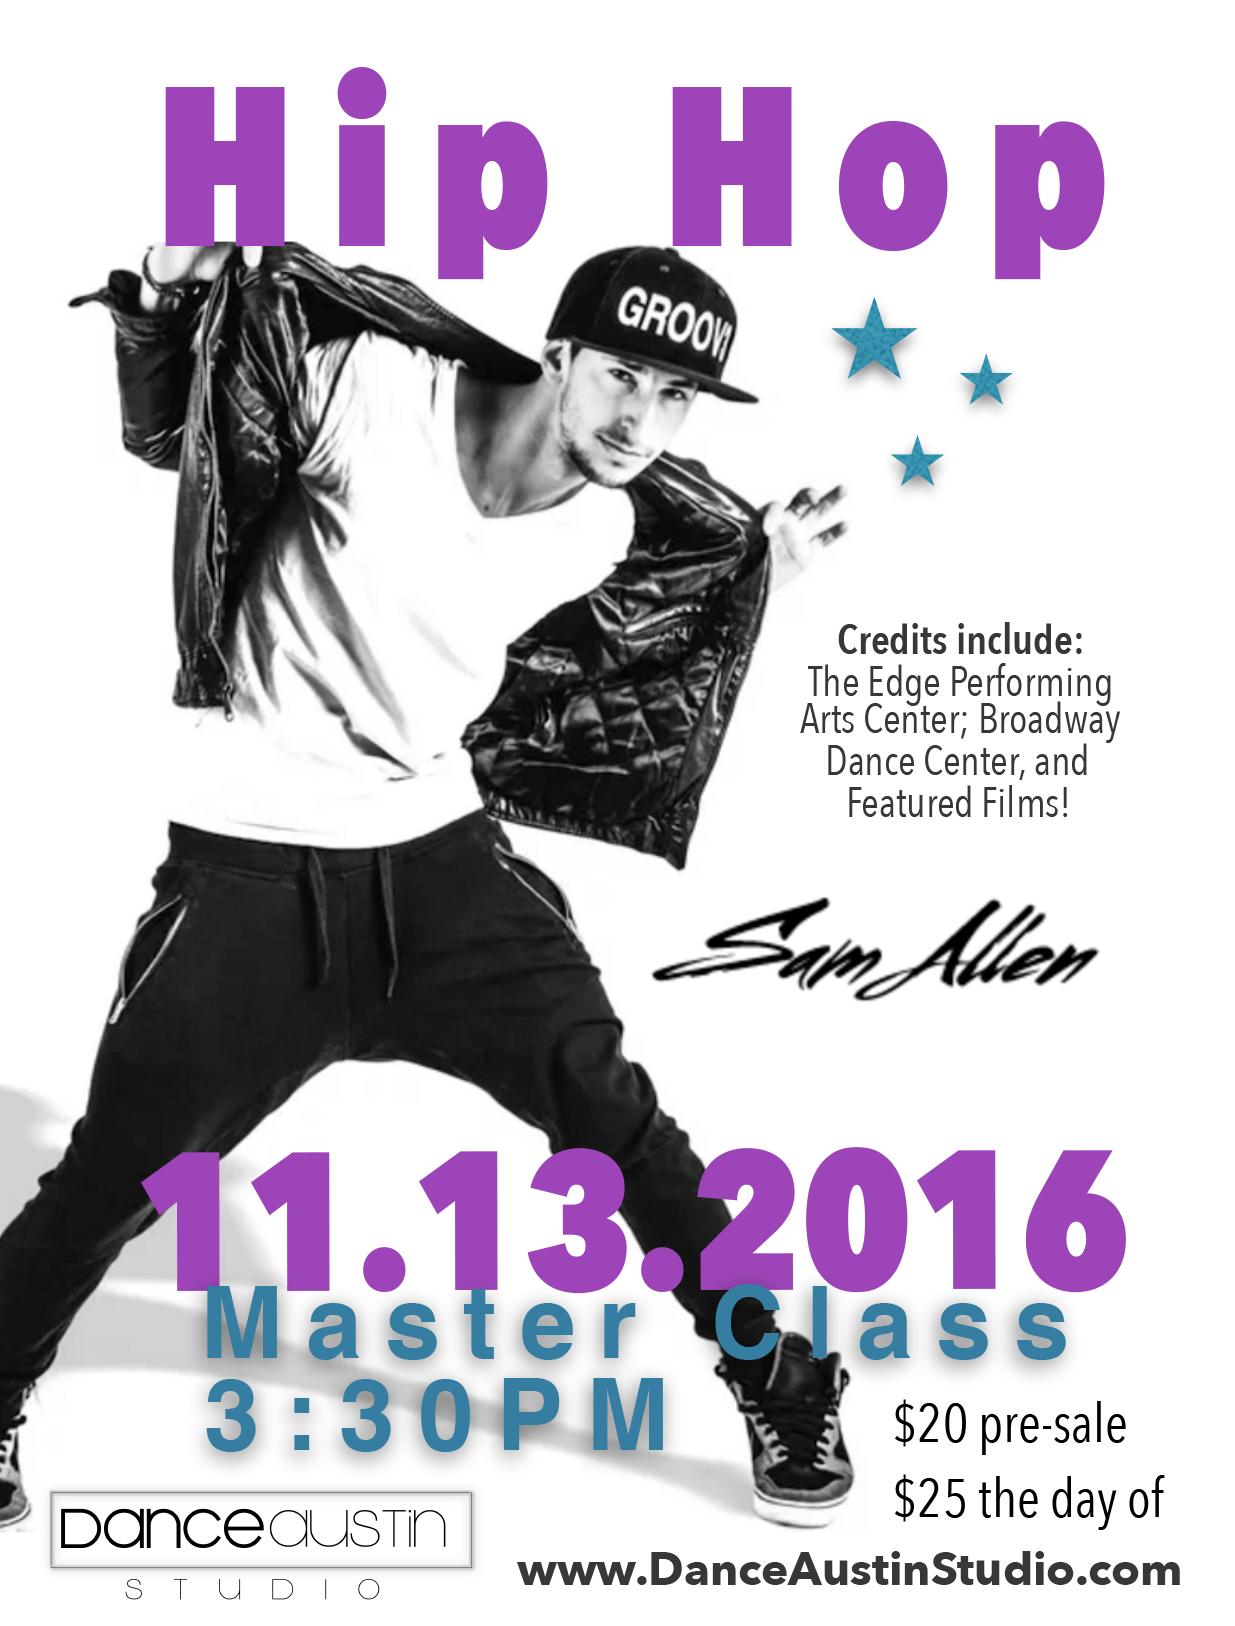 Sam Allen Master Class